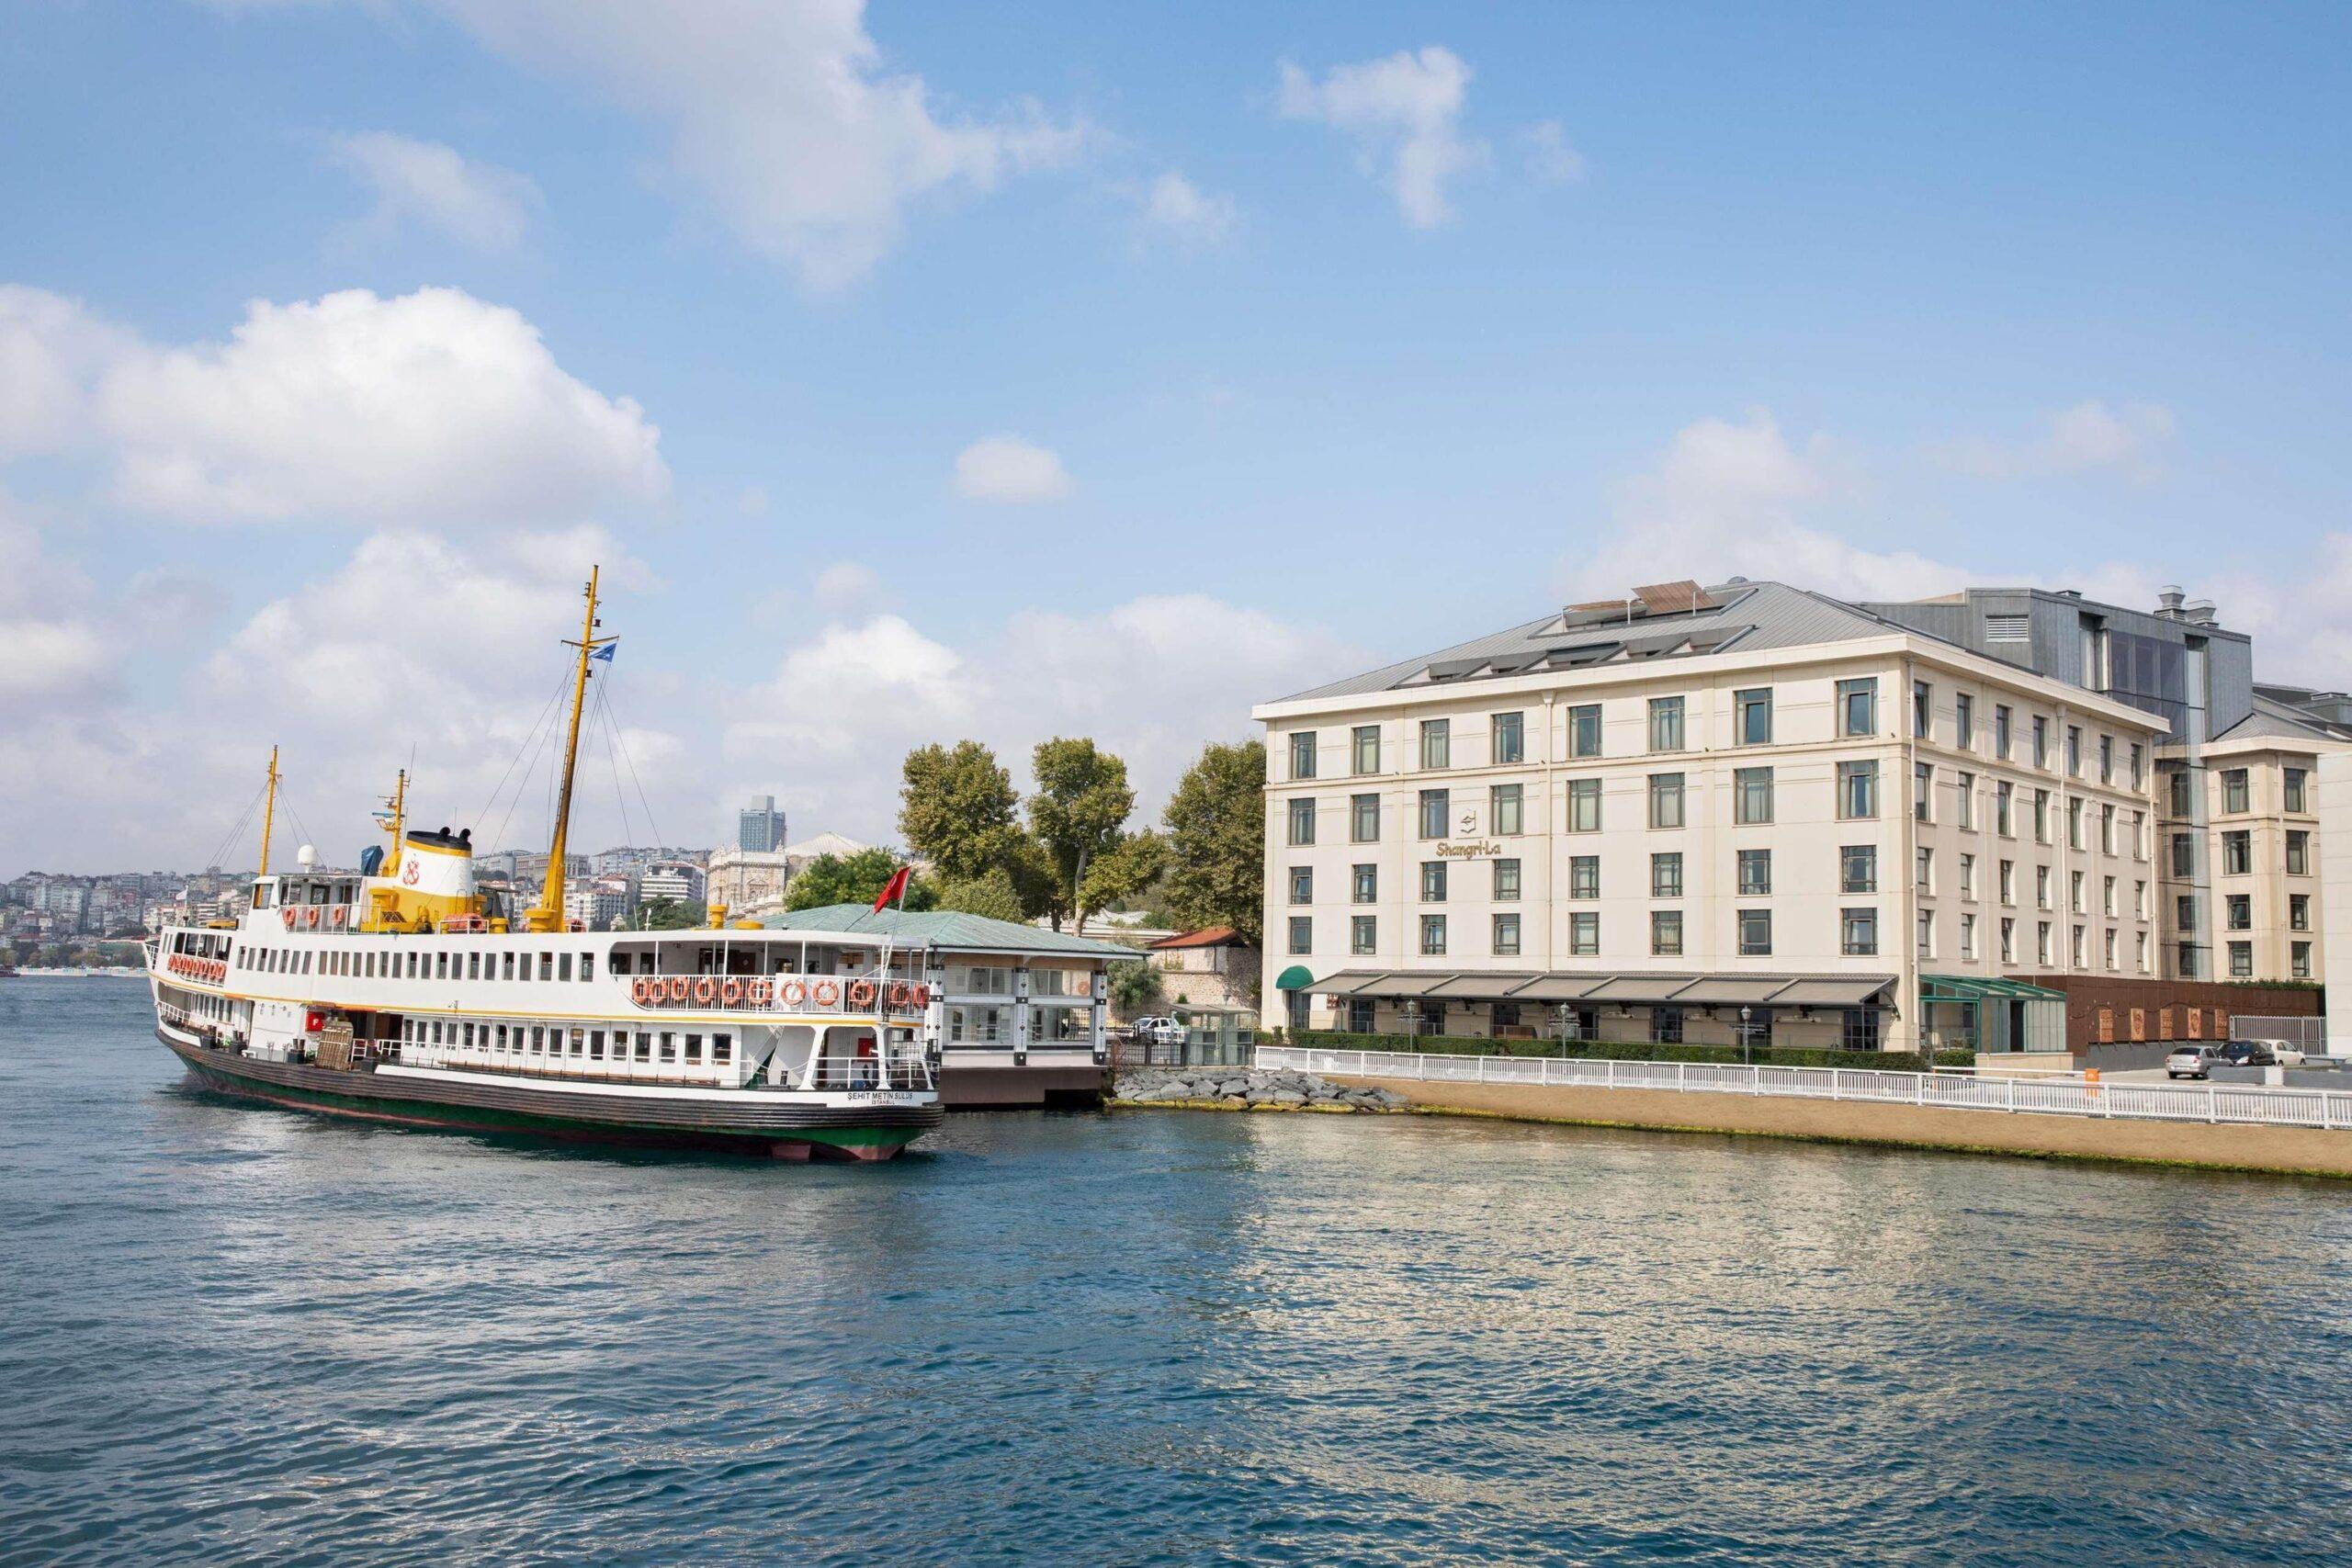 <span>«ИГРИСТЫЙ» БОСФОР!<br>SHANGRI-LA приглашает в ретро-путешествие по Стамбулу</span>